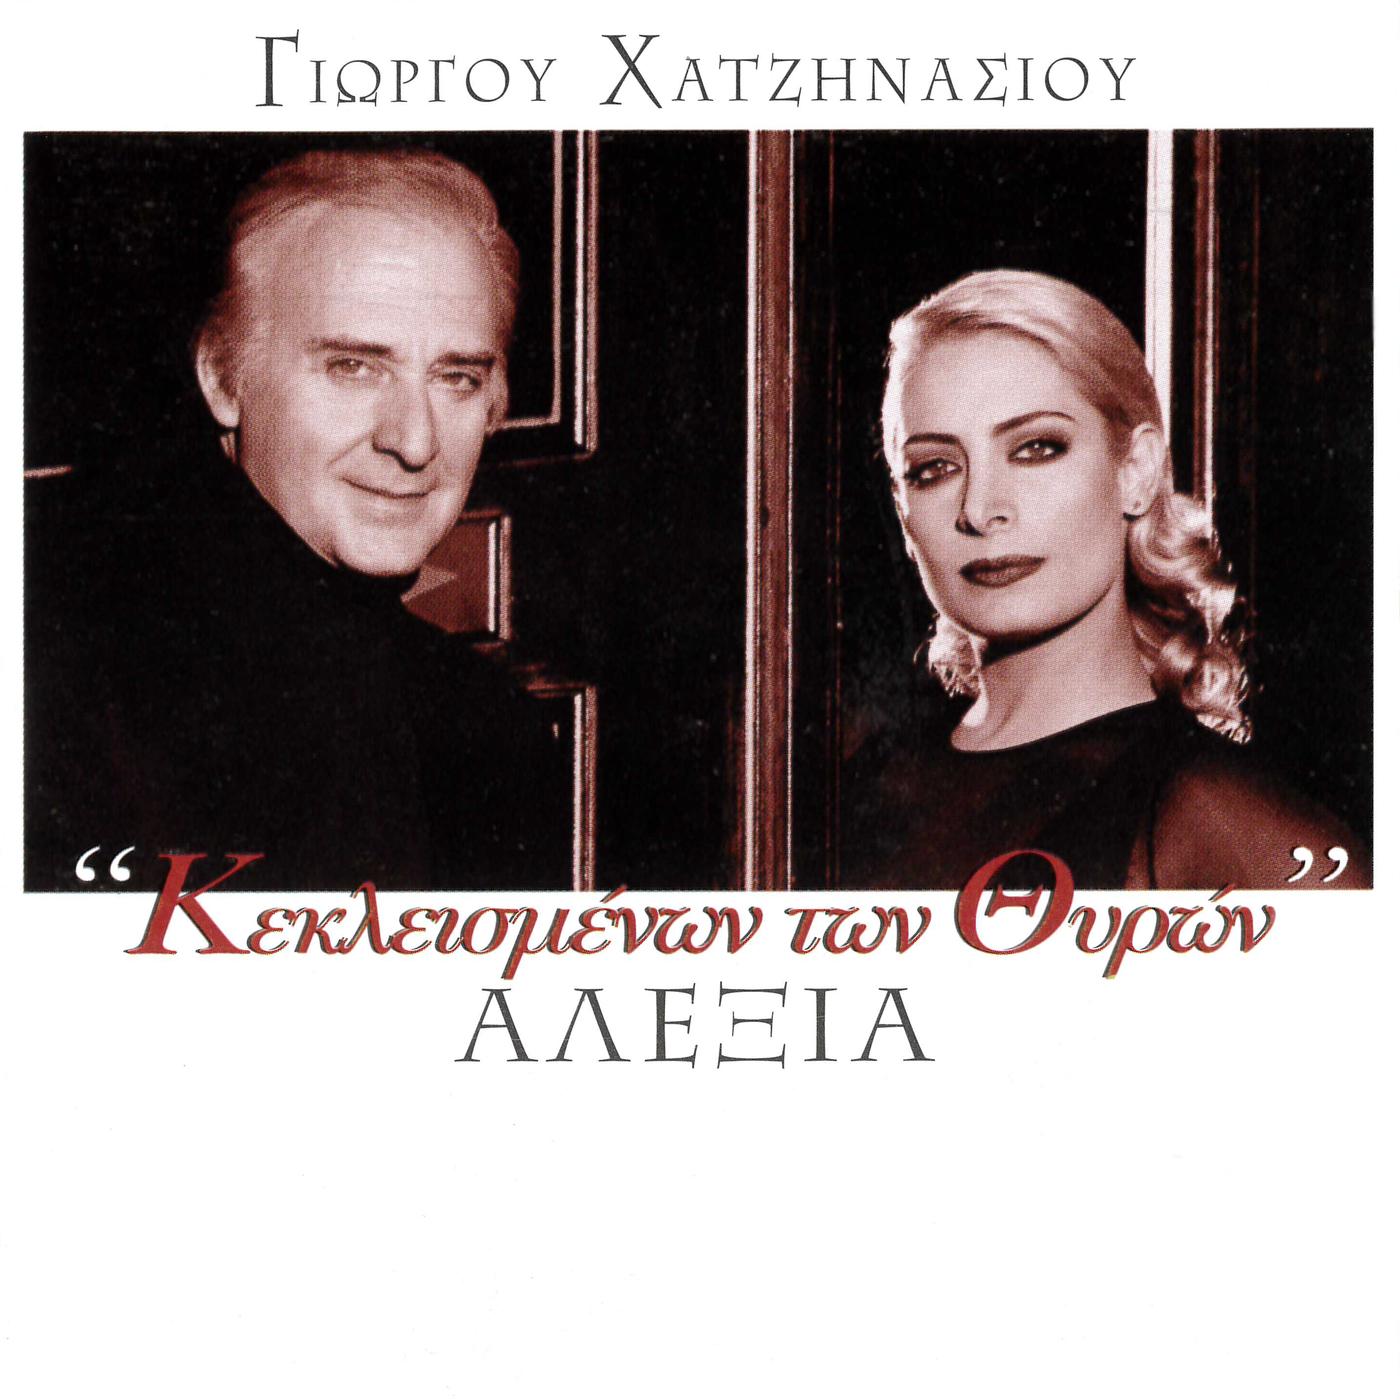 Keklismenon Ton Thiron - Alexia